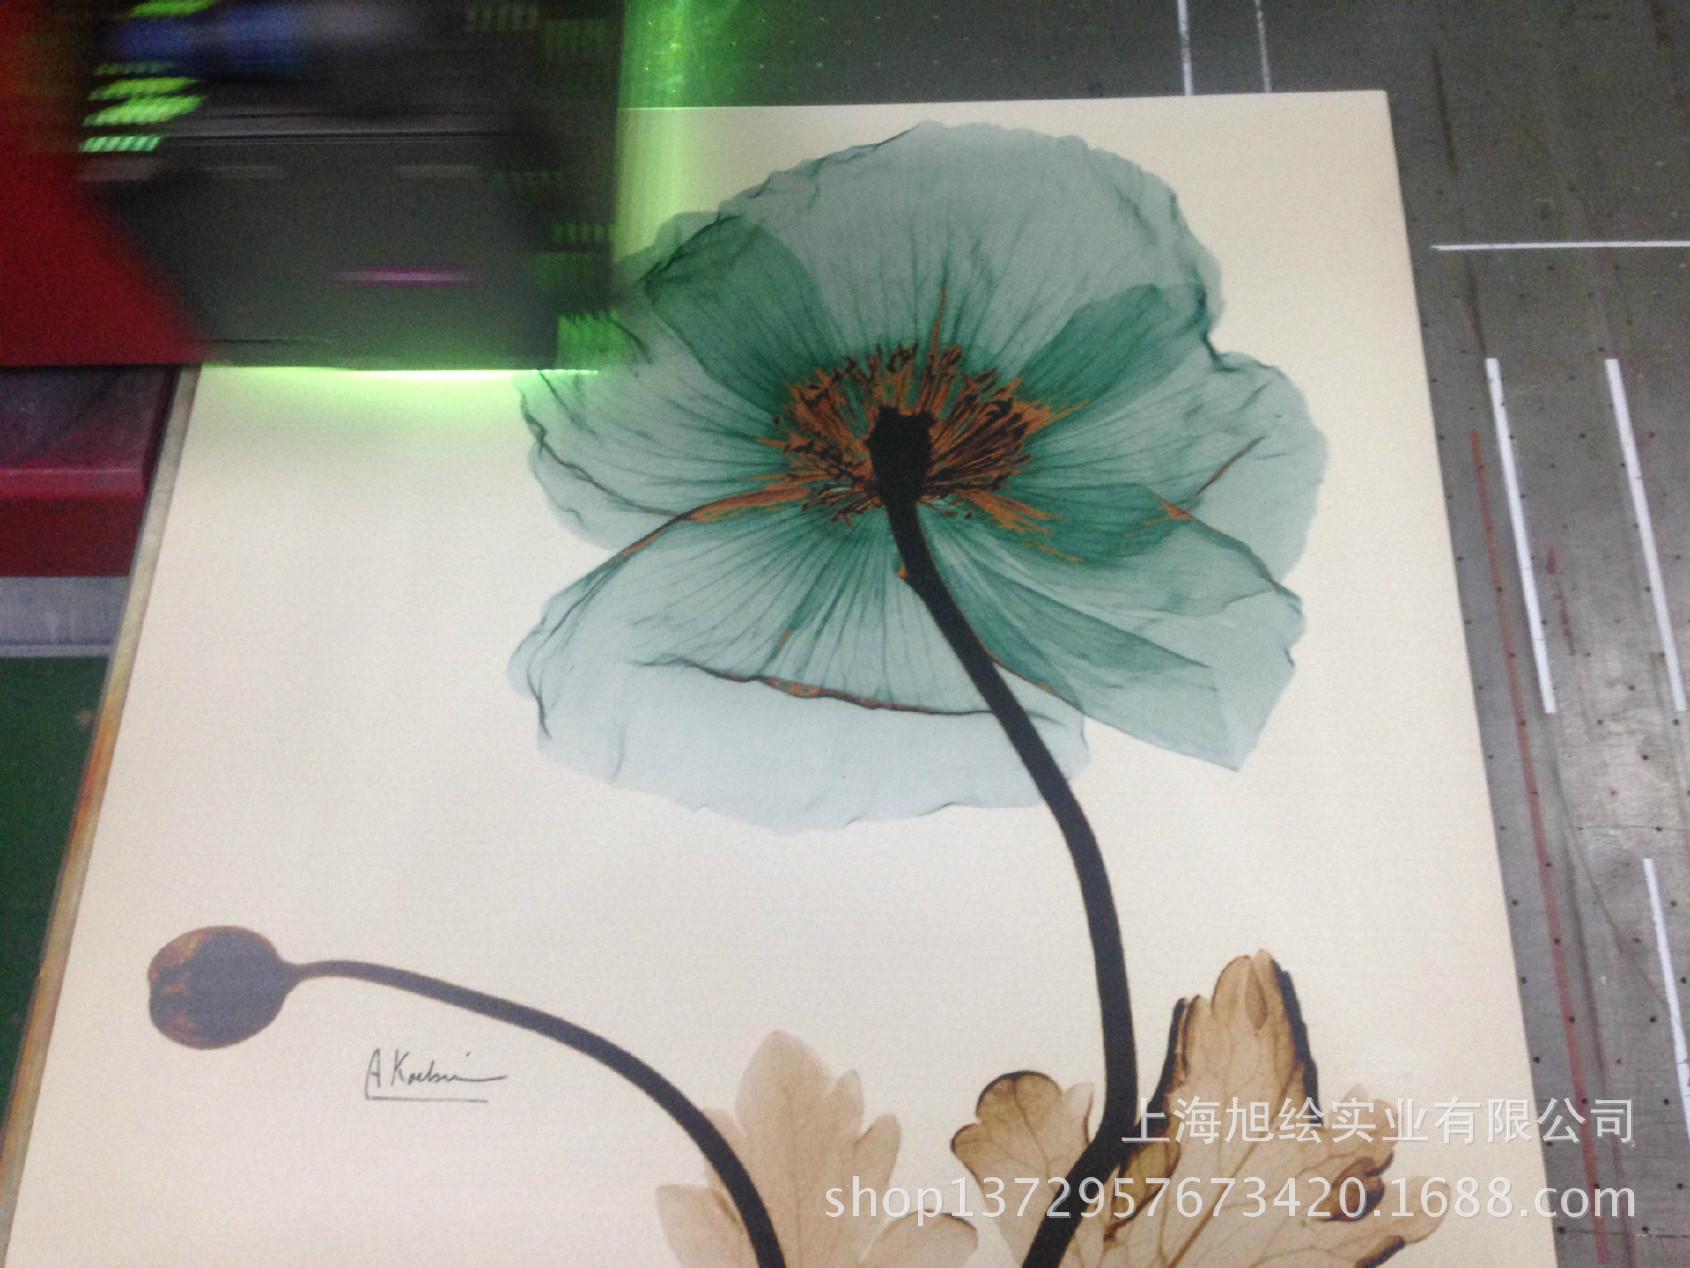 瓷砖画面喷绘 UV平板打印 瓷砖地板天花板画面喷绘打印 高清品质图片